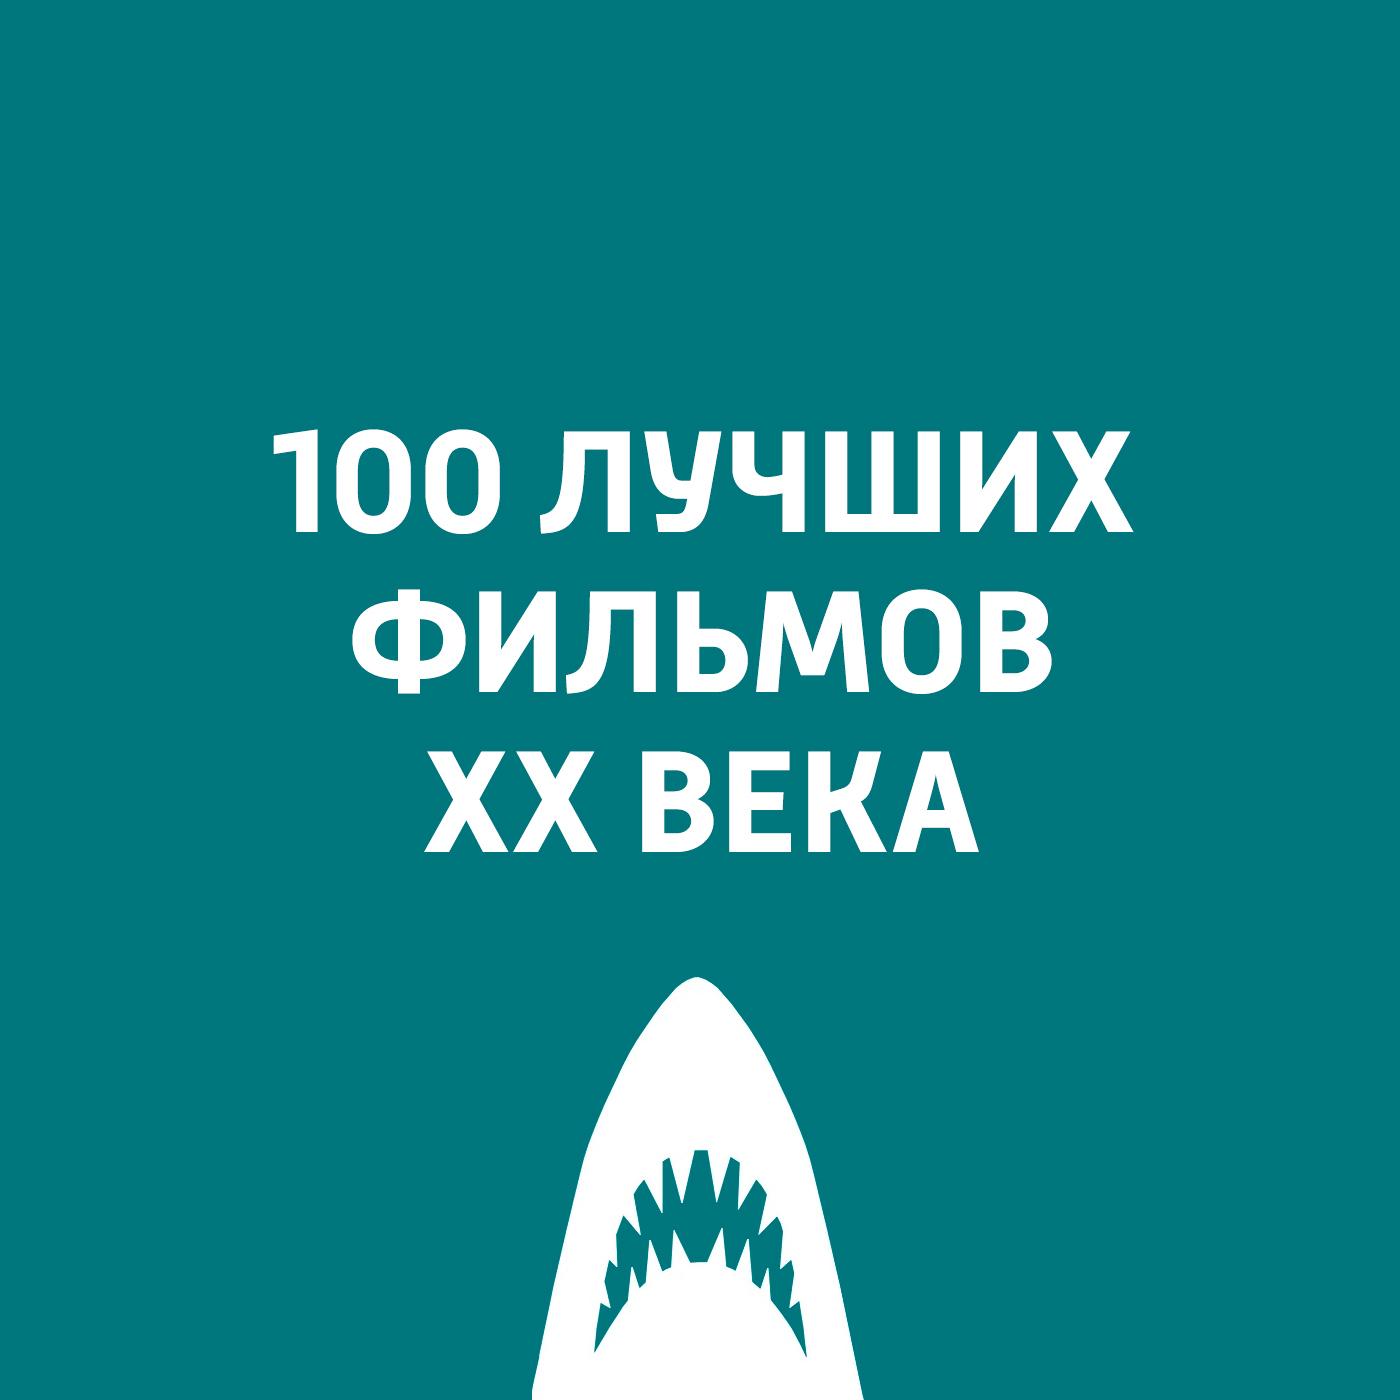 Антон Долин Звездные войны